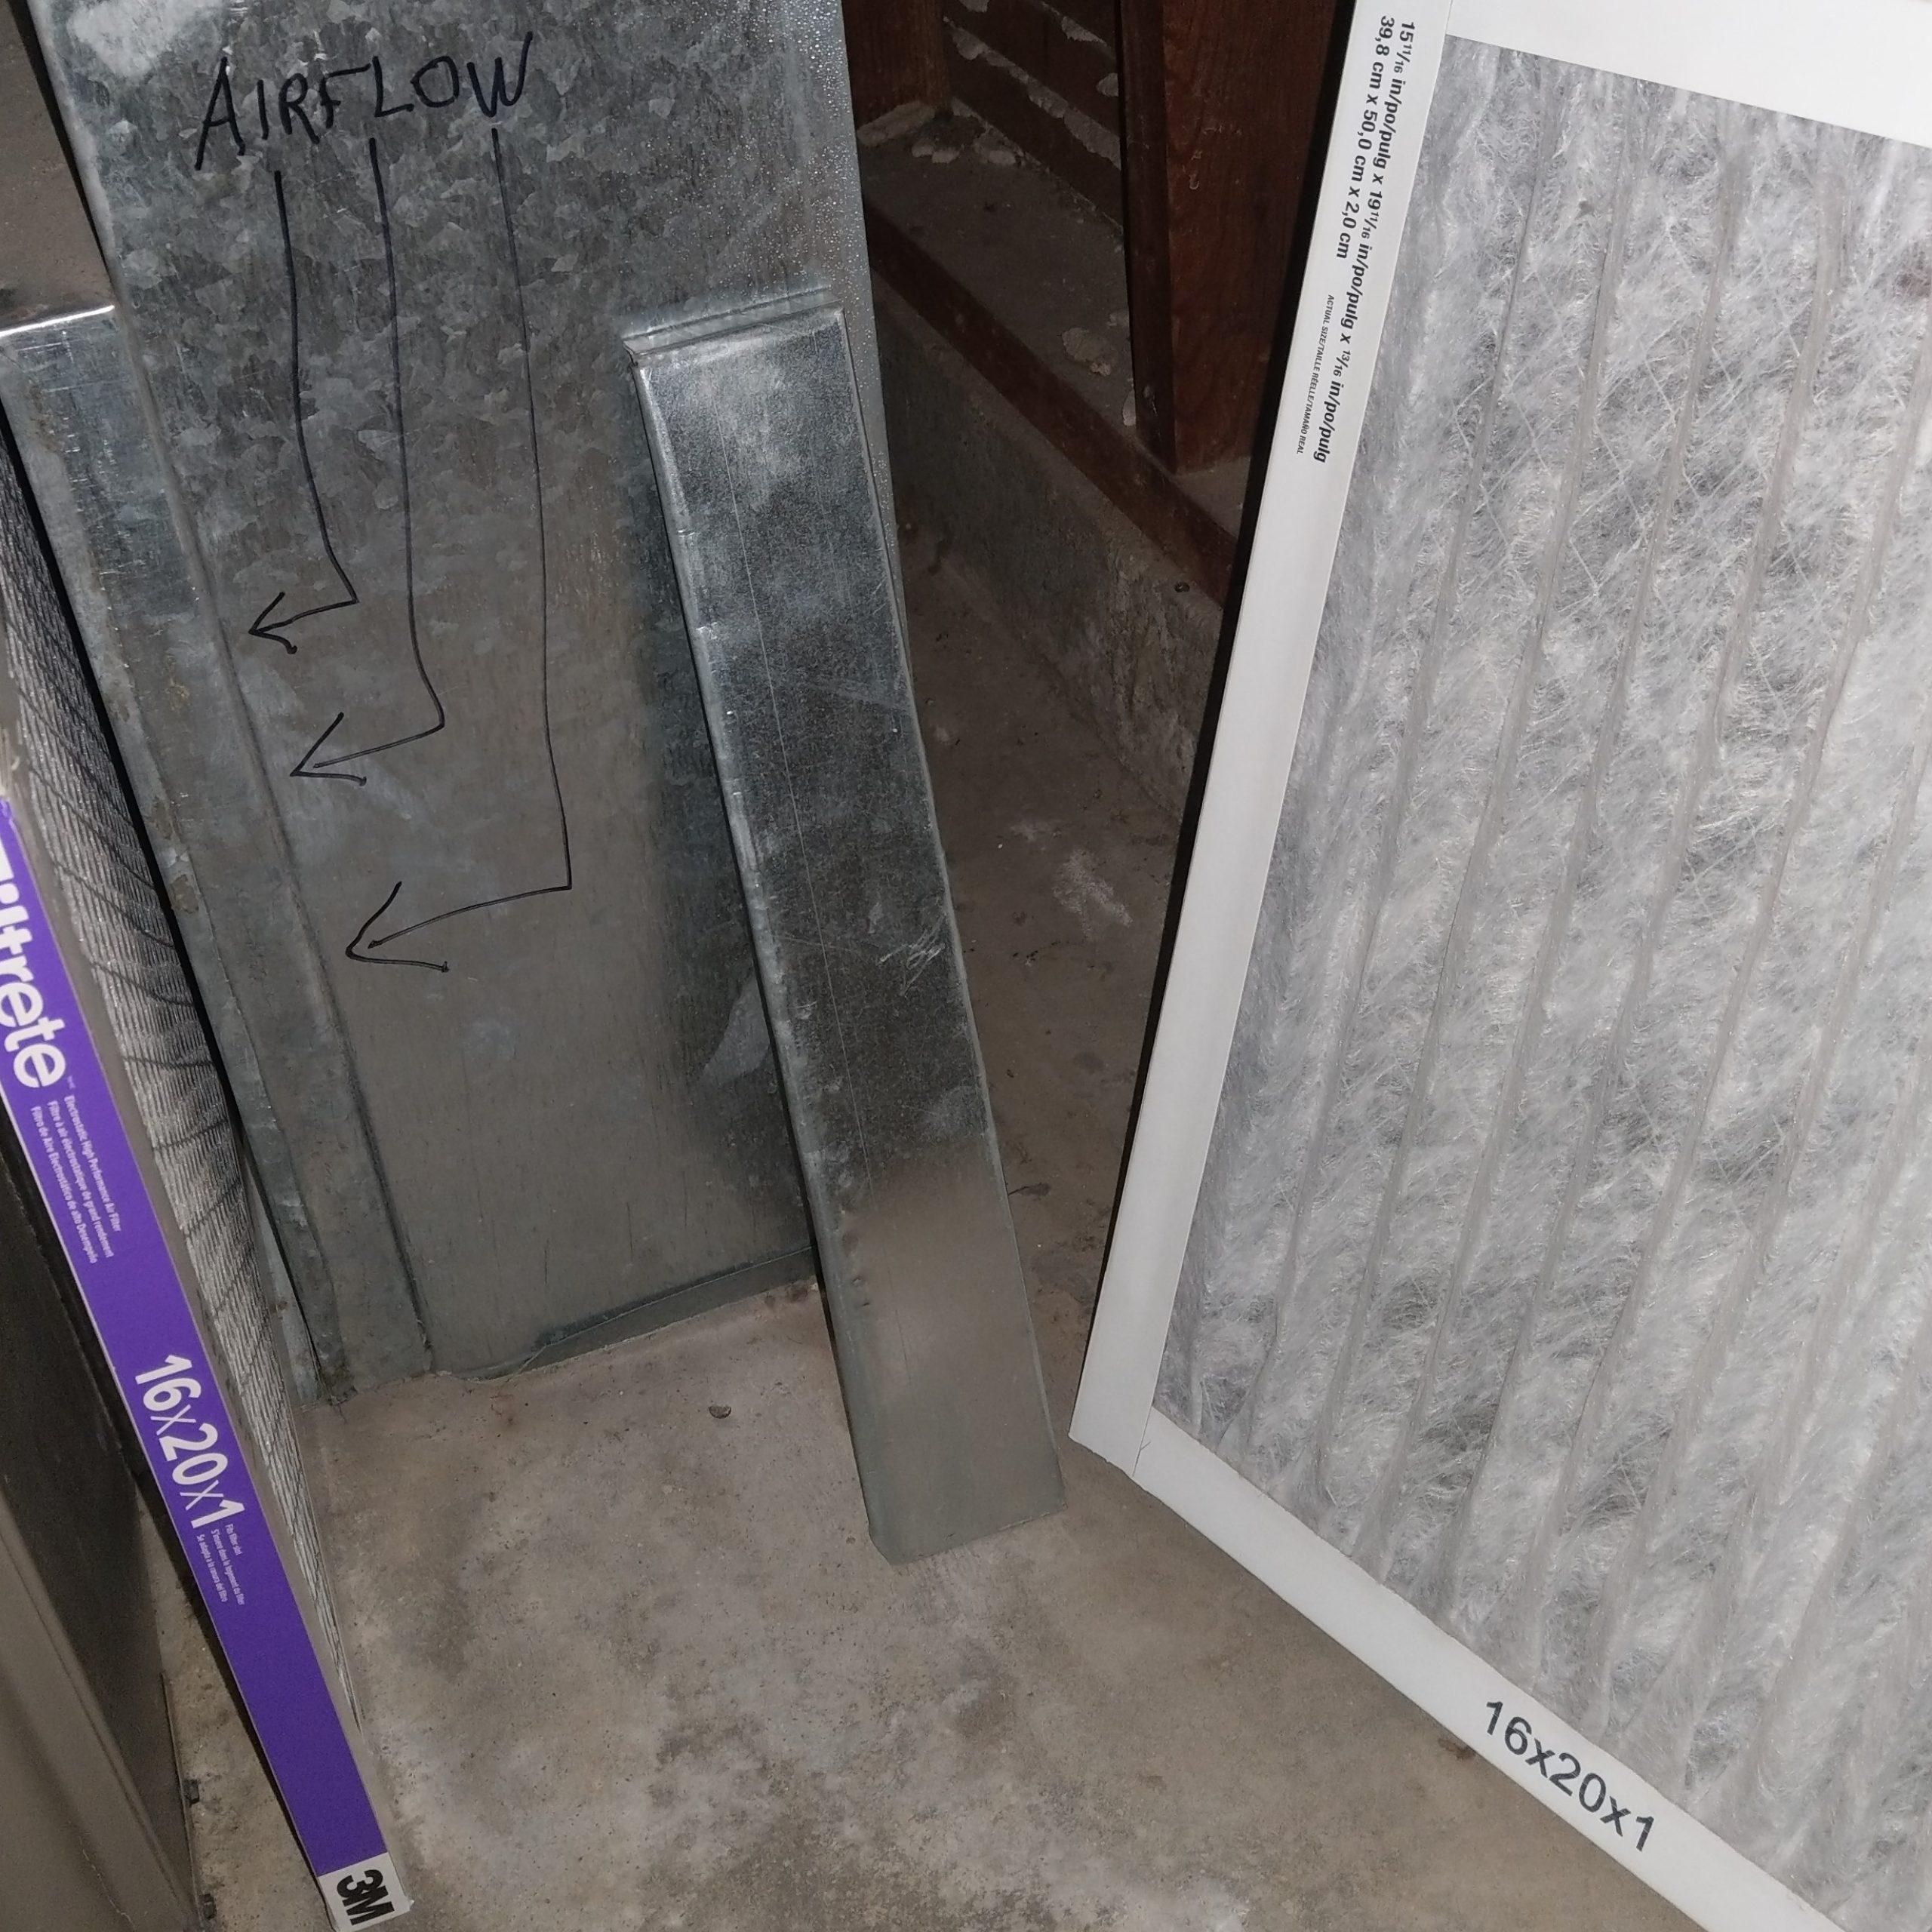 HVAC Filter Change